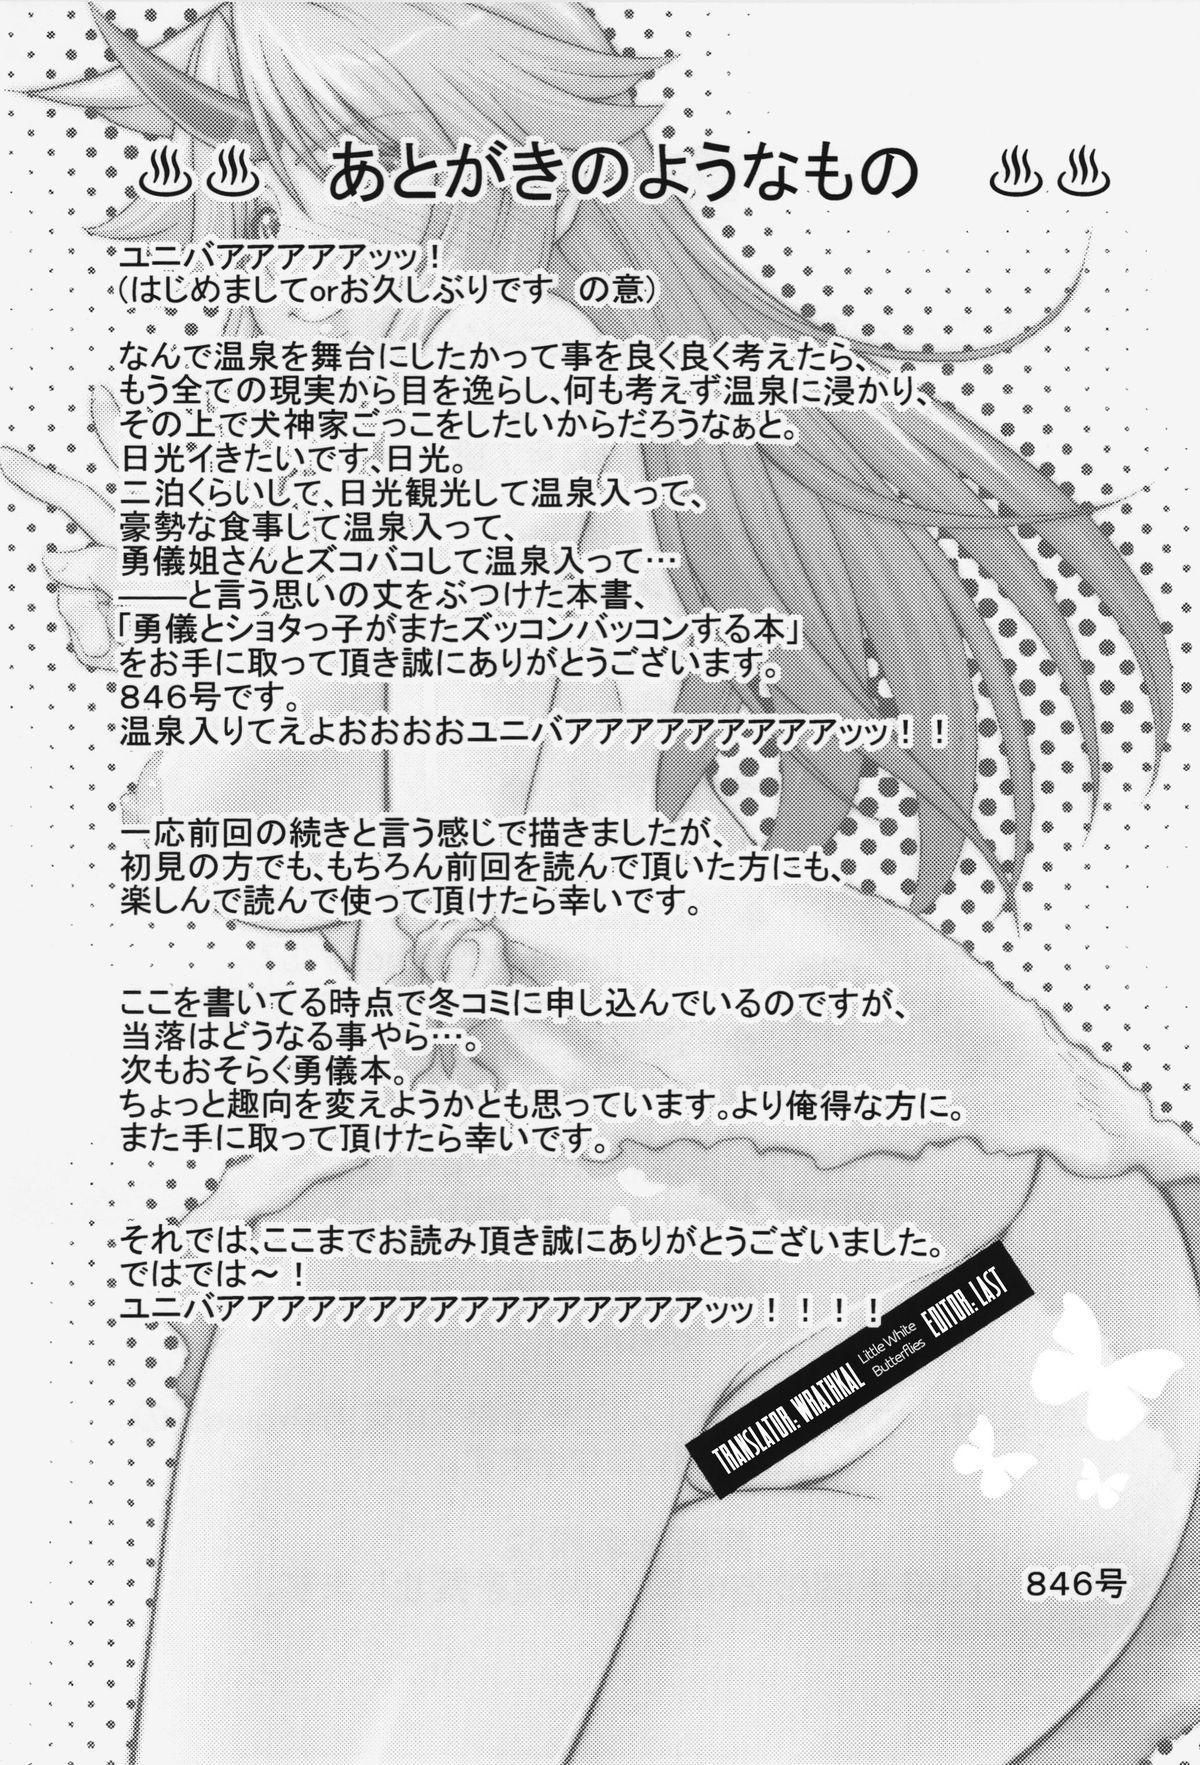 Yuugi to Shotakko ga Mata Zukkon Bakkon Suru Hon 28